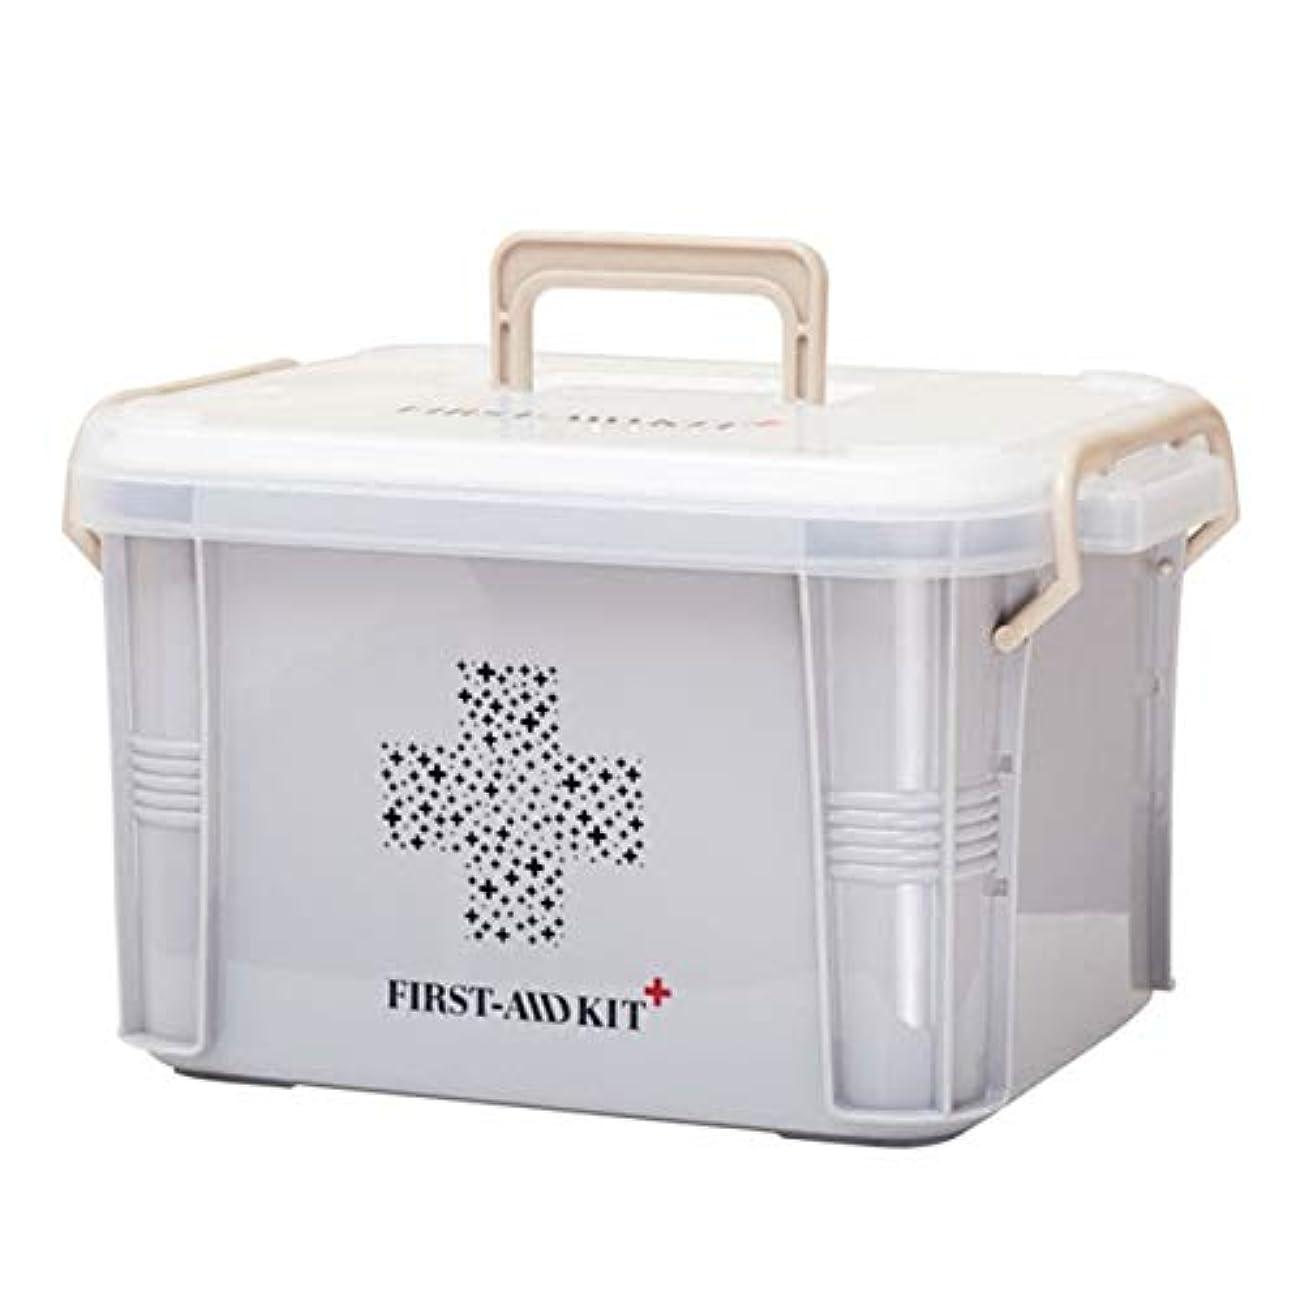 どこでも代数ナースSaikogoods 実用的なデザインホーム用薬箱ファーストエイドキットボックスプラスチック容器の救急キットポータブルストレージオーガナイザー グレー S